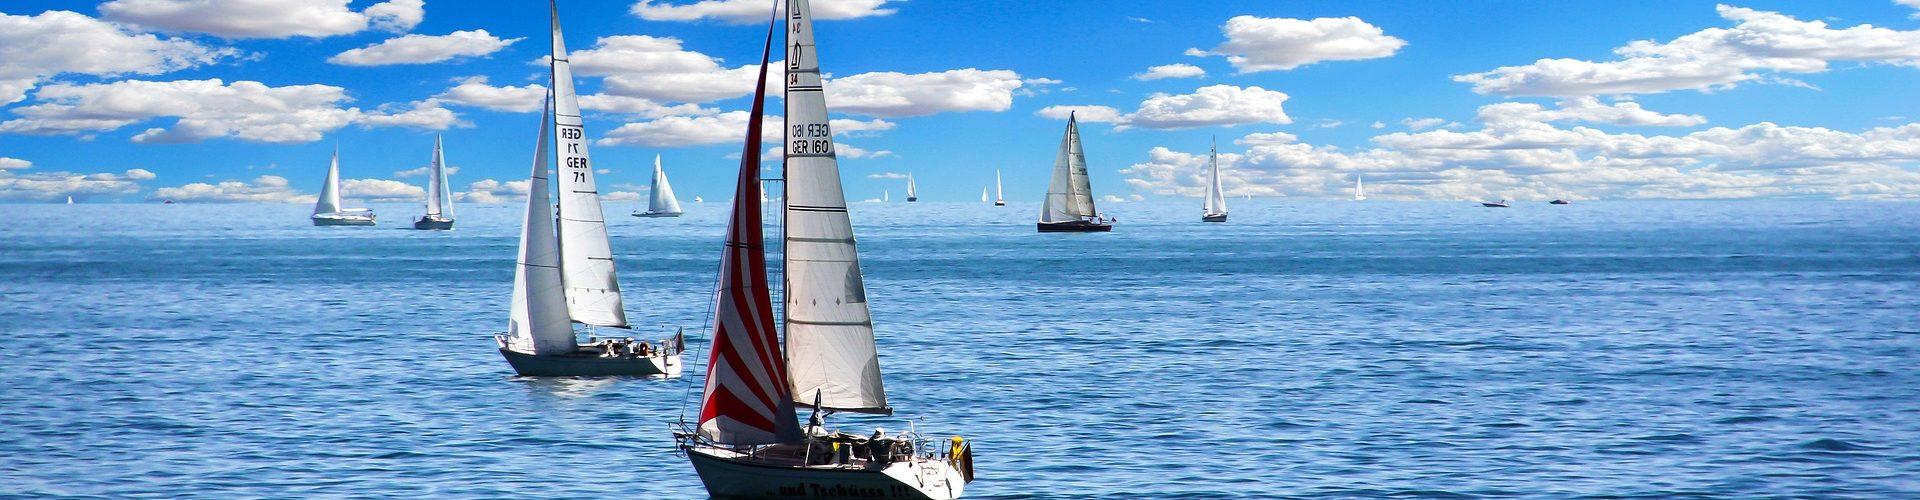 segeln lernen in Wentorf bei Hamburg segelschein machen in Wentorf bei Hamburg 1920x500 - Segeln lernen in Wentorf bei Hamburg